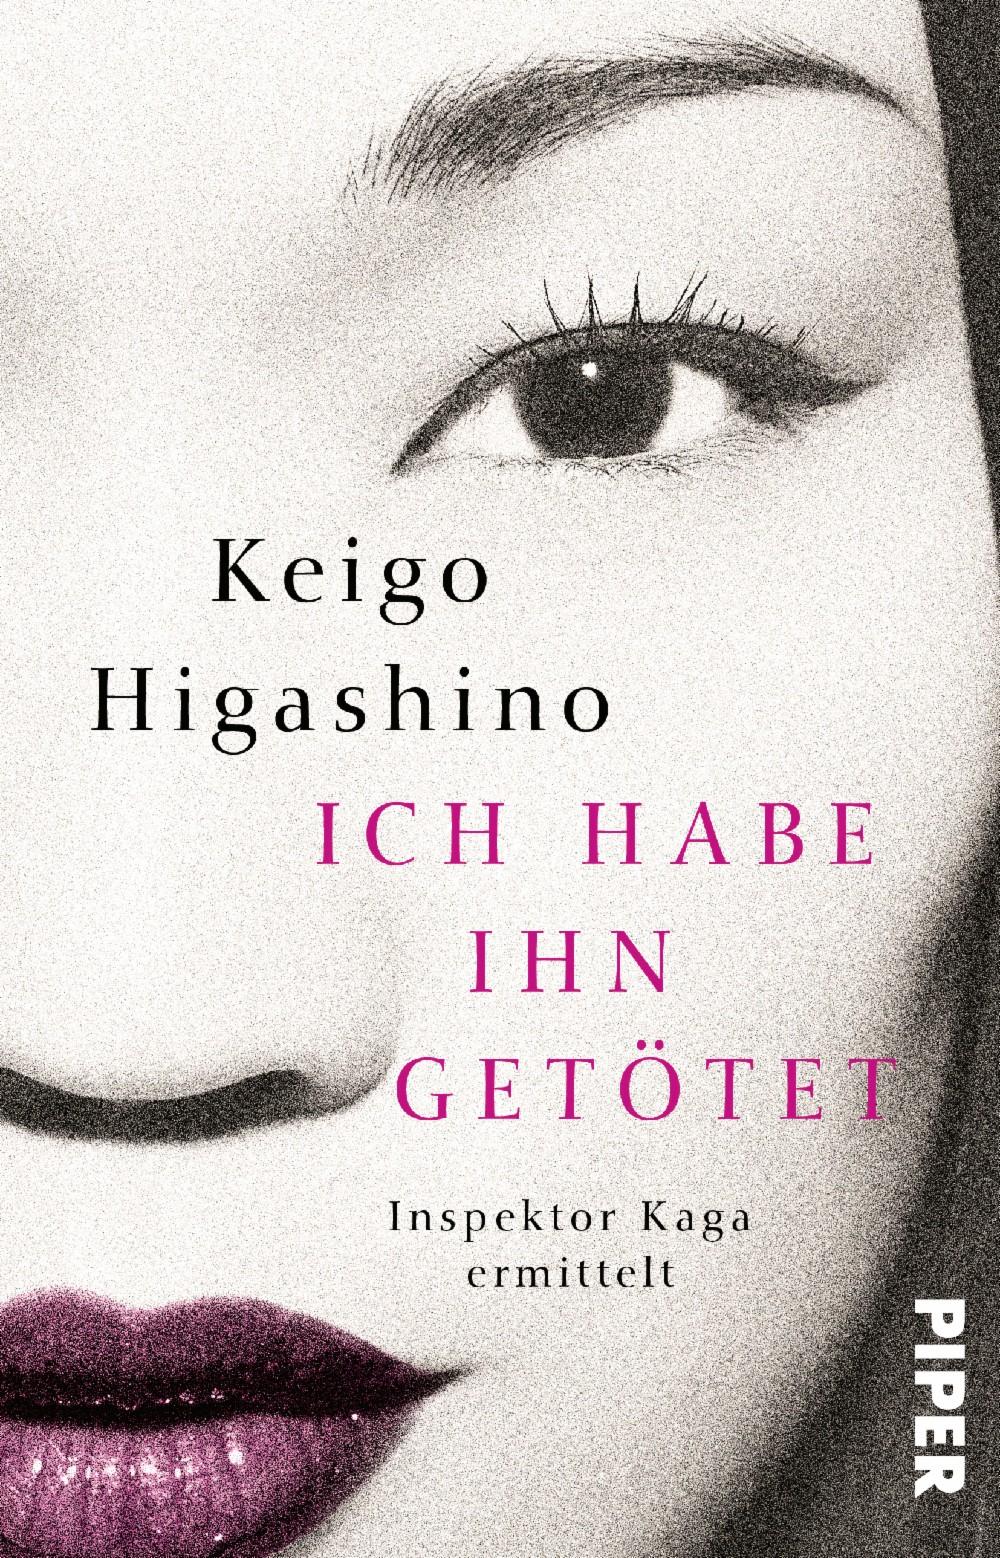 Keigo Higashino, Ich habe ihn getötet